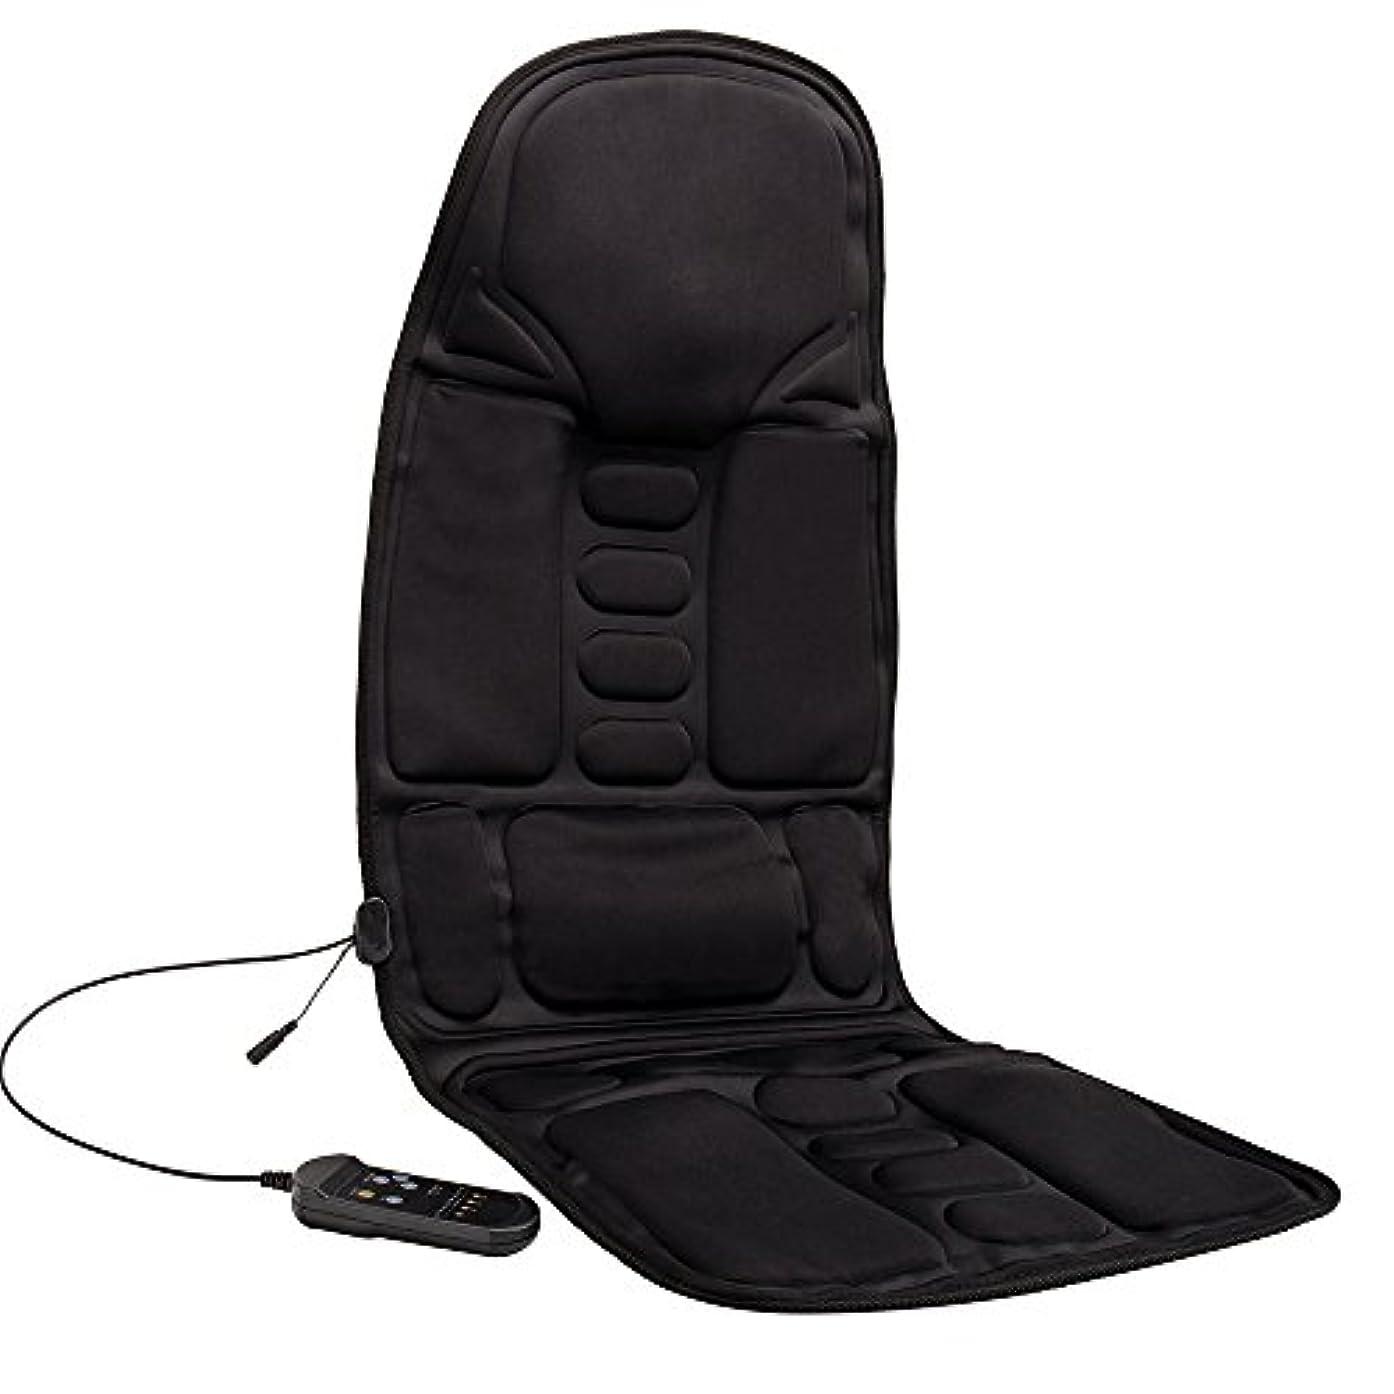 間違いなく構想するサミットKindness マッサージシート ヒーター搭載 高品質PUレザー製 どこでもマッサージャー オフィス 旅行 ホーム 車シート ギフト ブラック